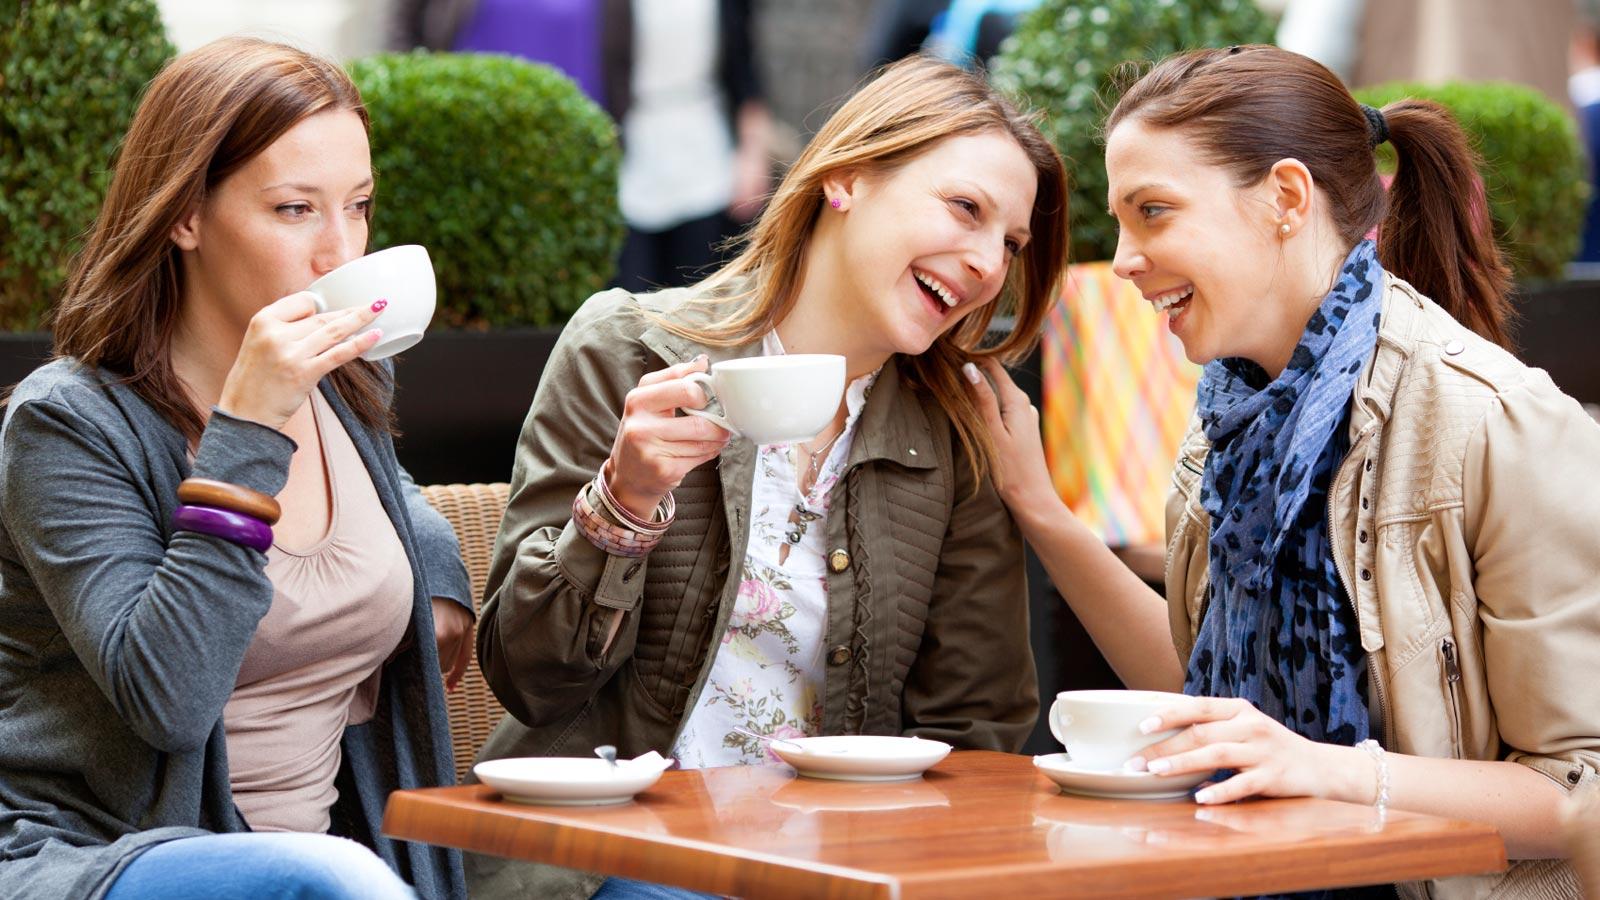 Обсуждение любимой темы поможет справиться с застенчивостью